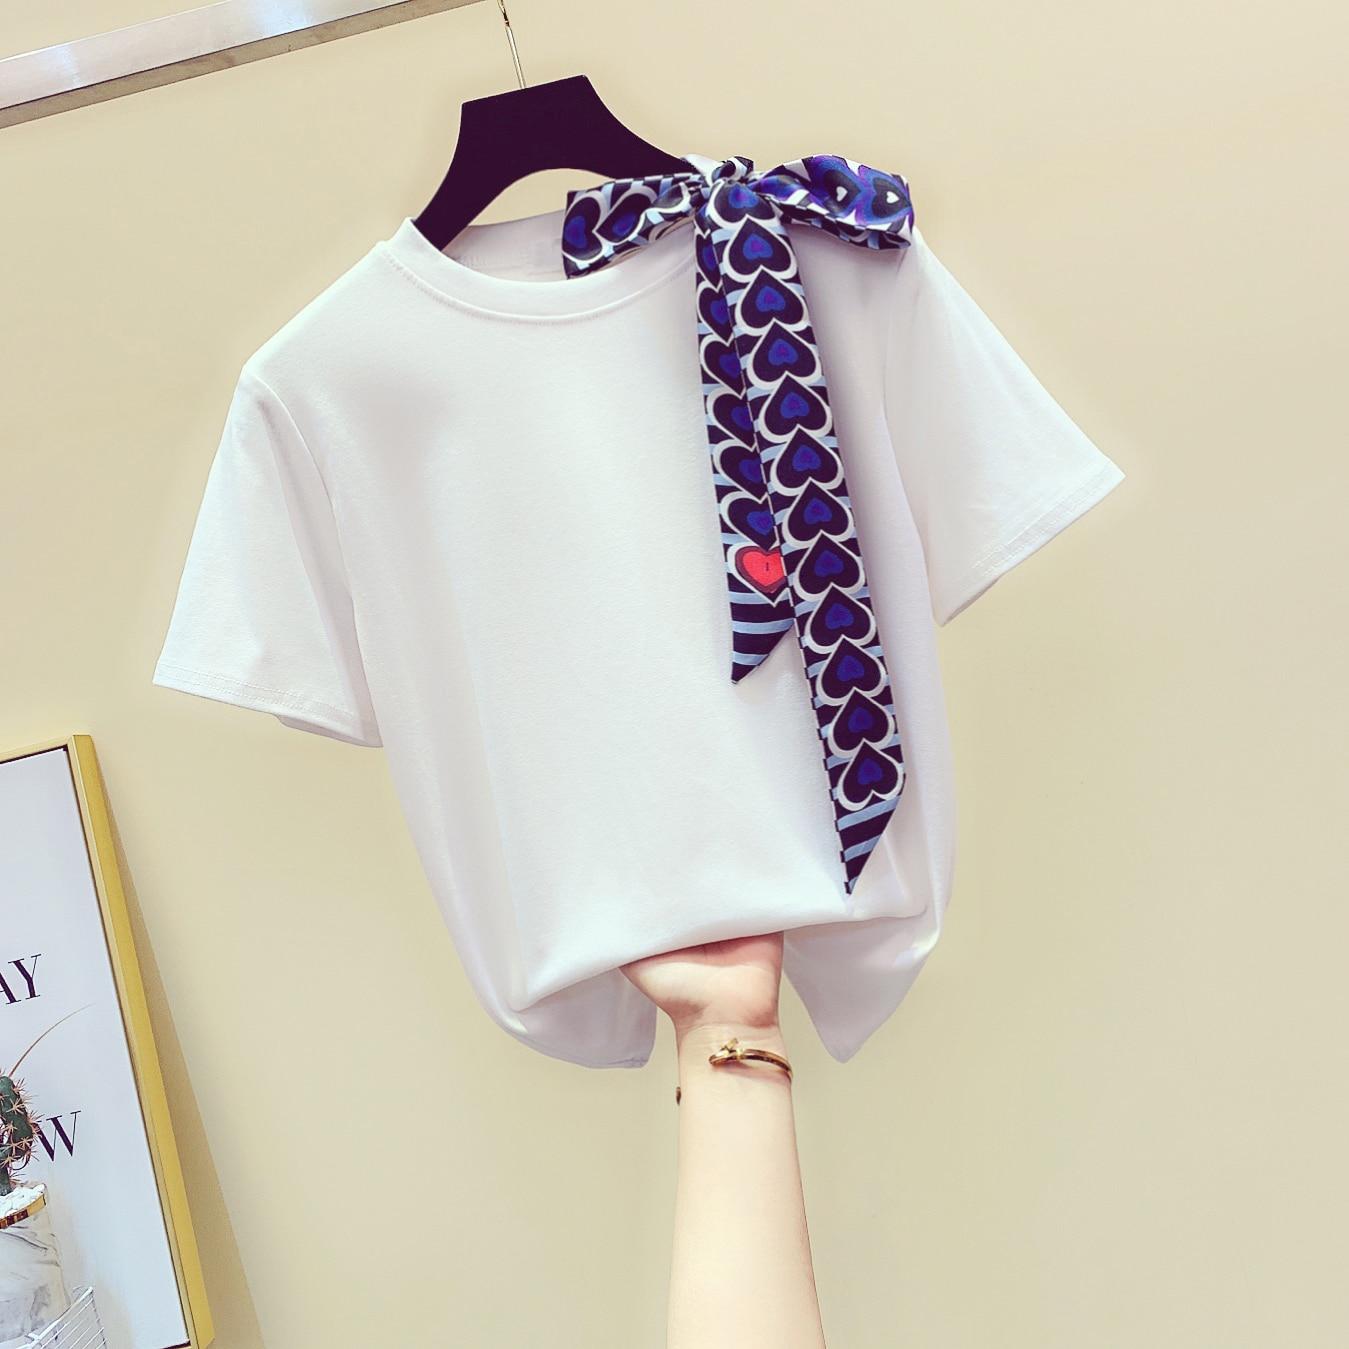 Lace-up Arco Algodão de Manga Curta T-shirt Blusas Mulheres Primavera Verão 2020 Nova Coreano Solto Cor Sólida T-shirt Tshirt Mujer